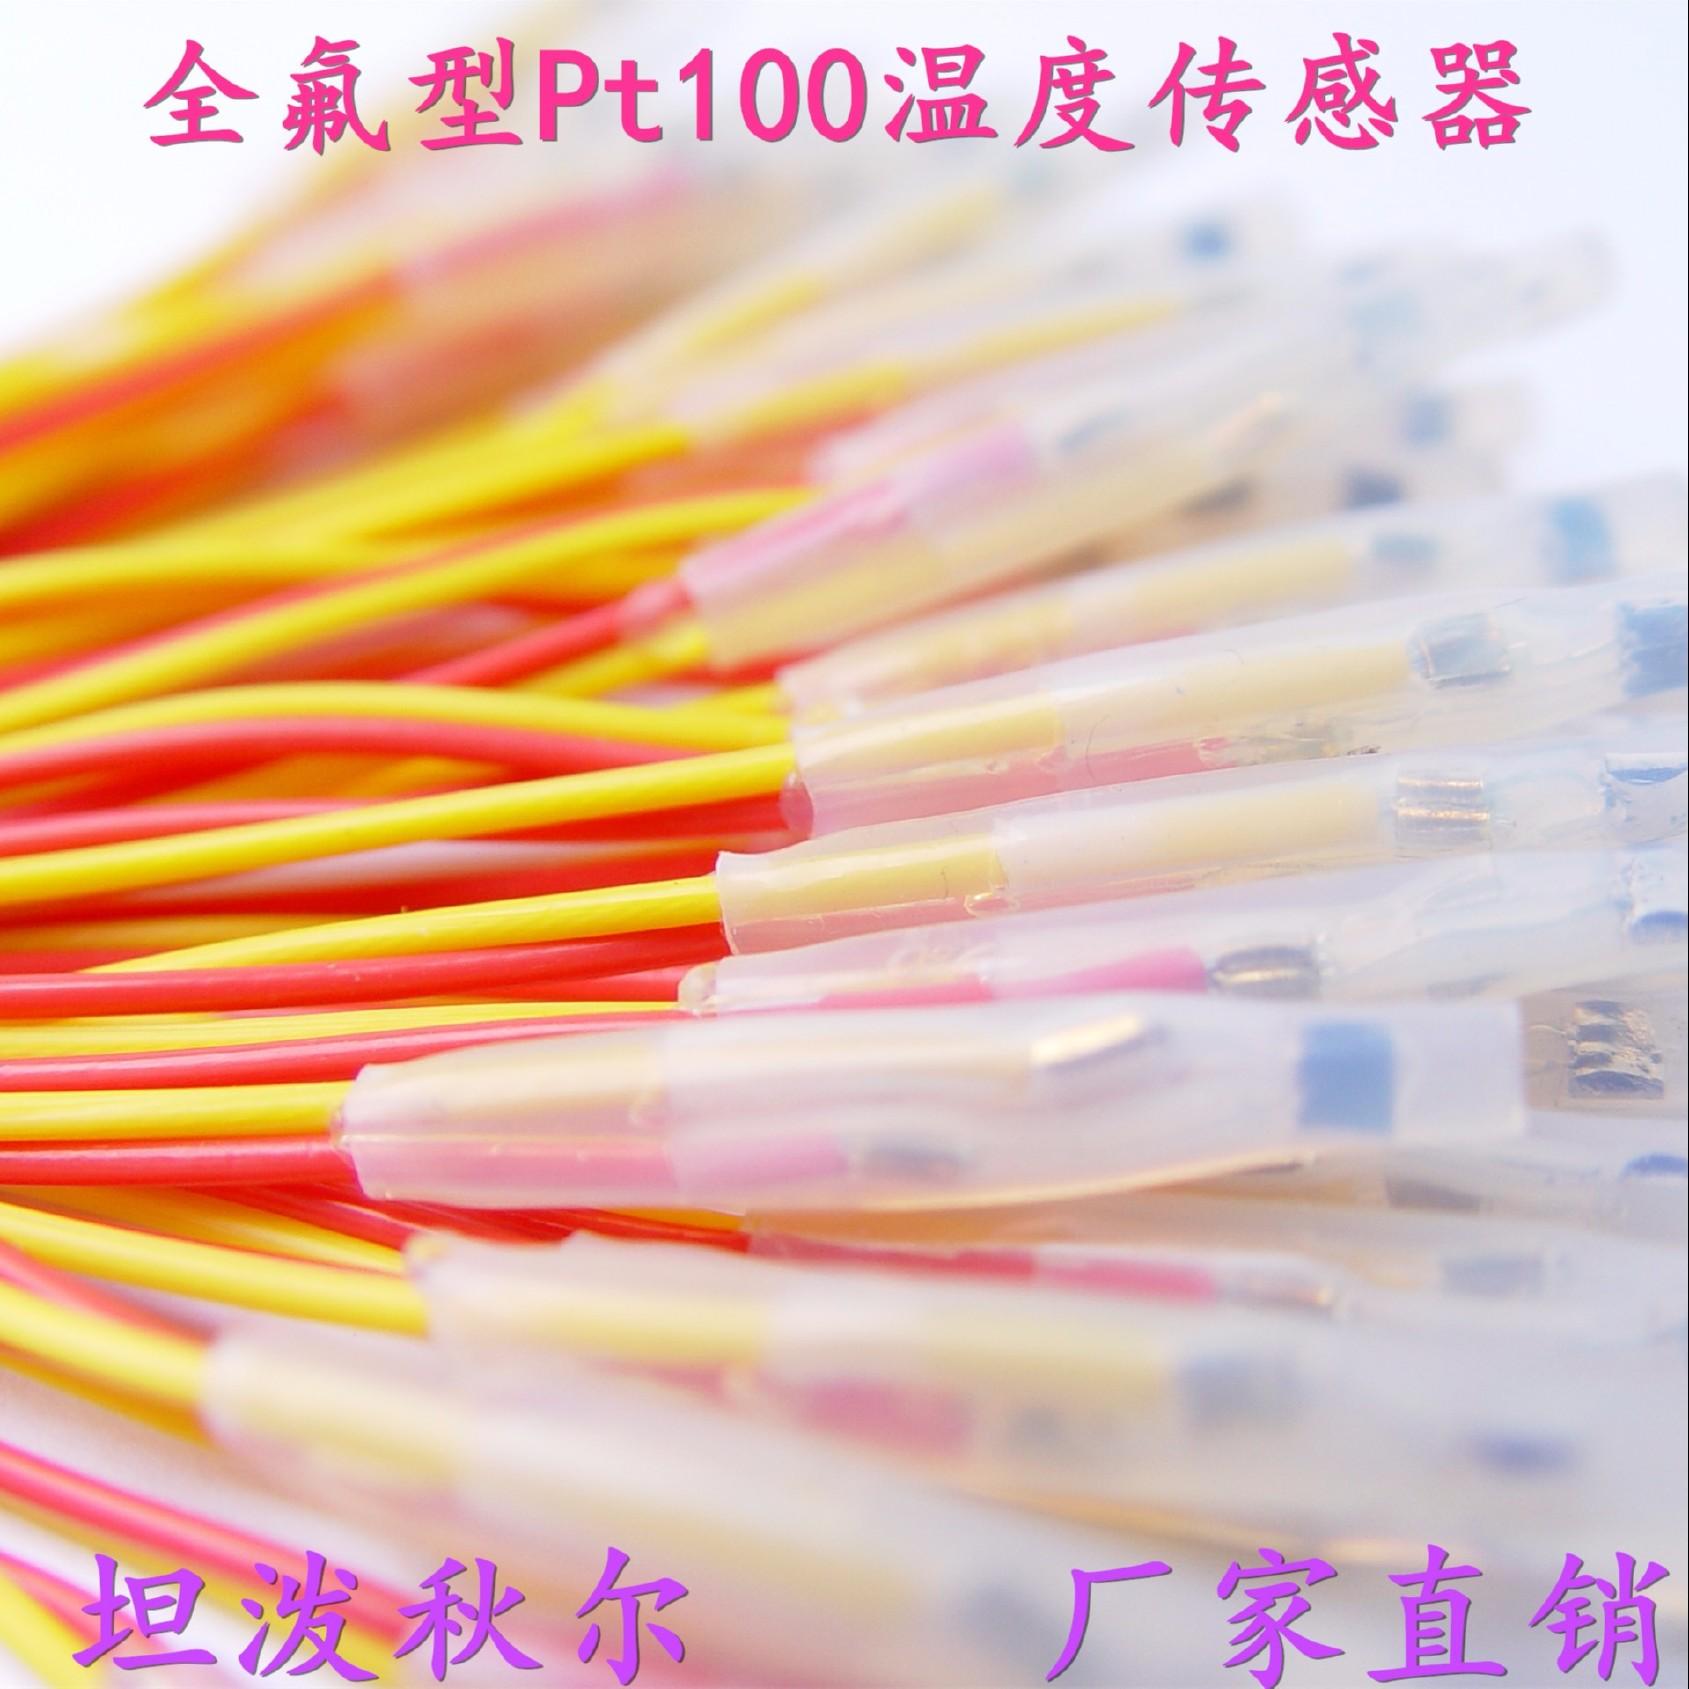 充電連接器測溫傳感器新能源電動汽車充電槍PT1000溫度監測器